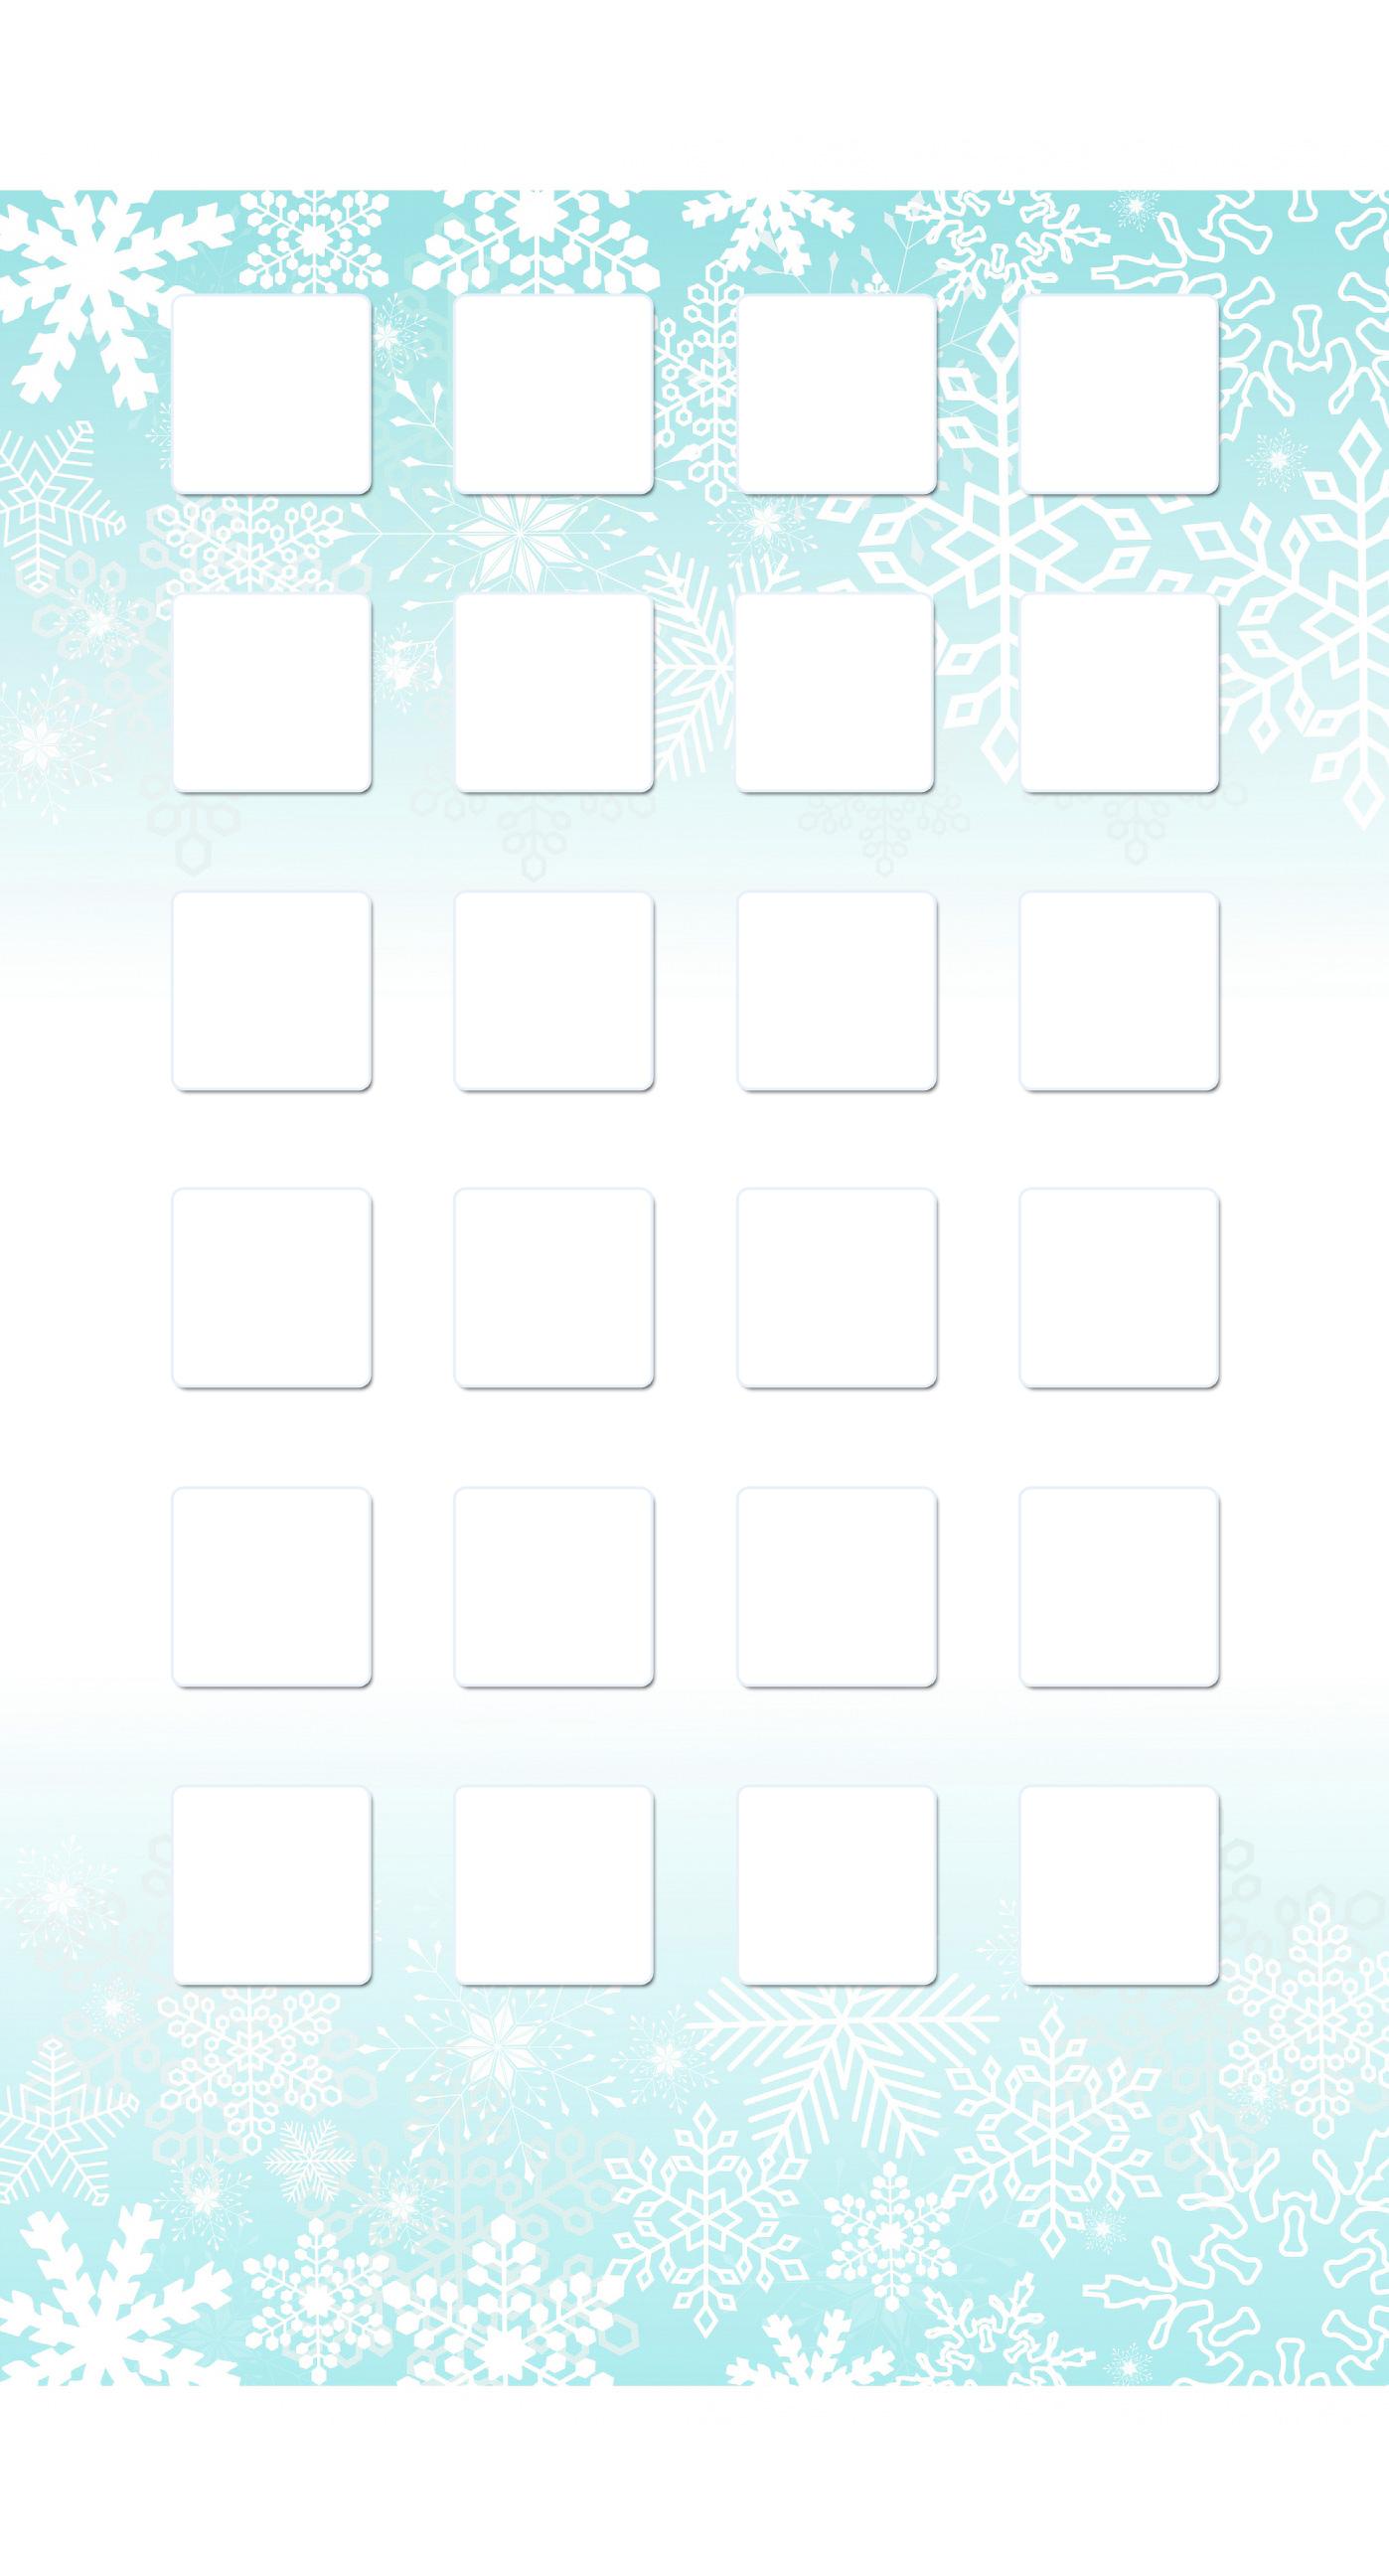 棚緑冬雪可愛い女子向け Wallpaper Sc Iphone6splus壁紙